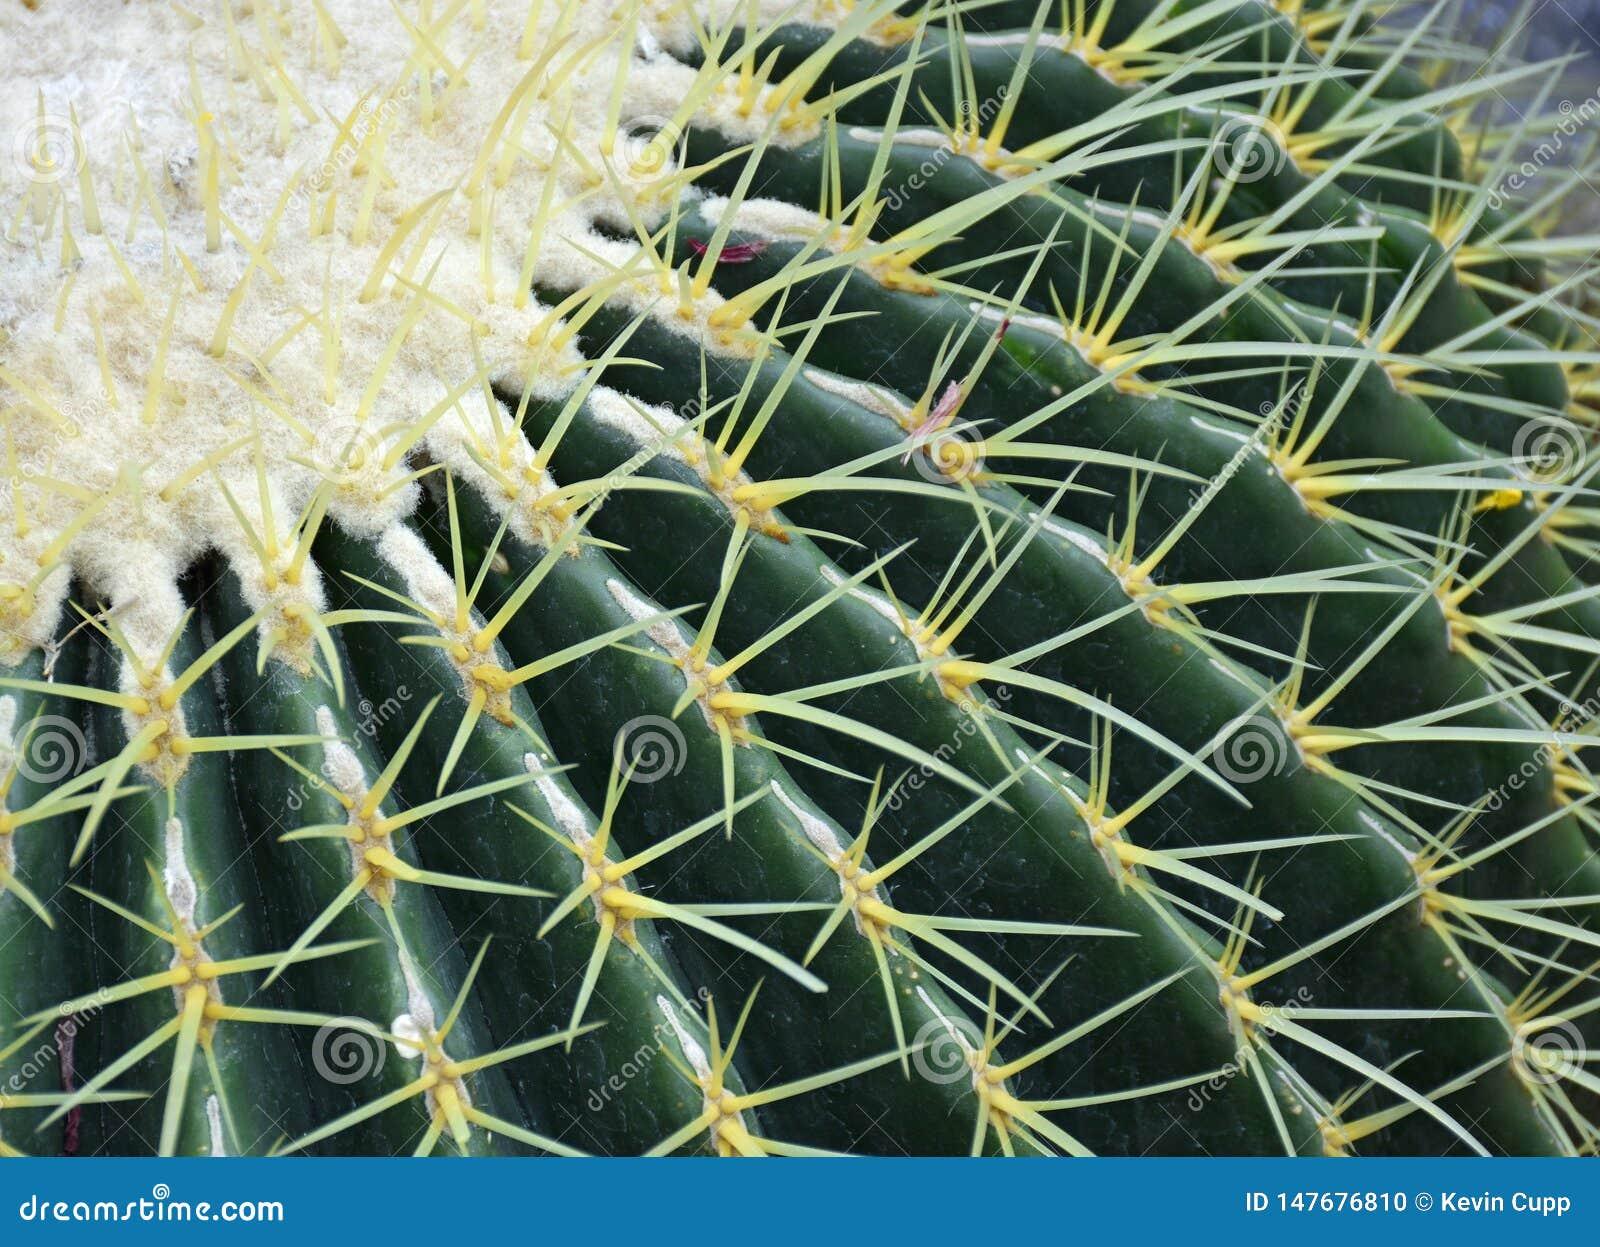 Cactus de barril de oro en el desierto